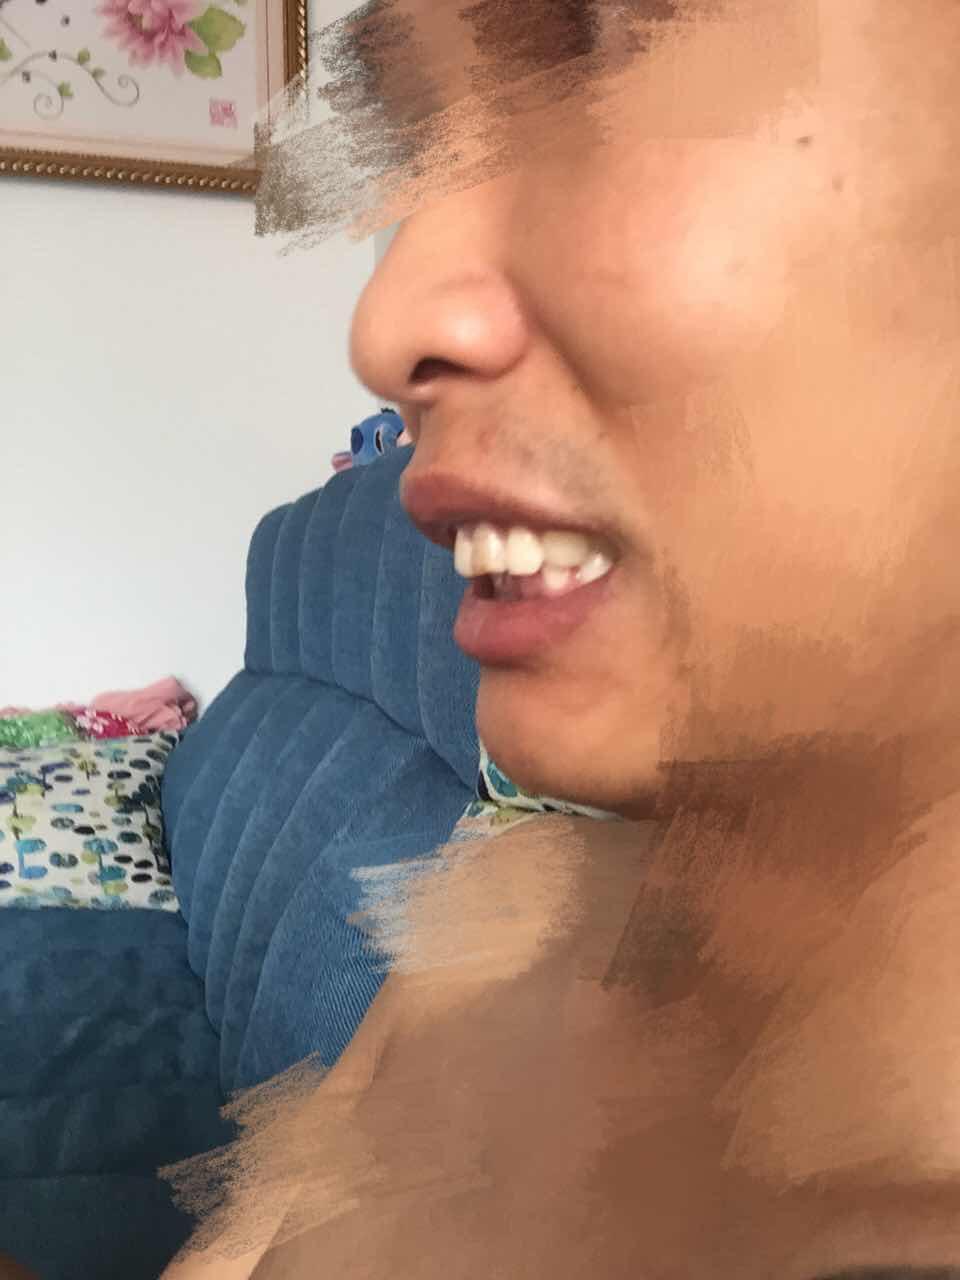 龅牙矫正的过程是怎样的你知道吗?这个情况的是需要做手术吗,还是只做牙齿就可以了。